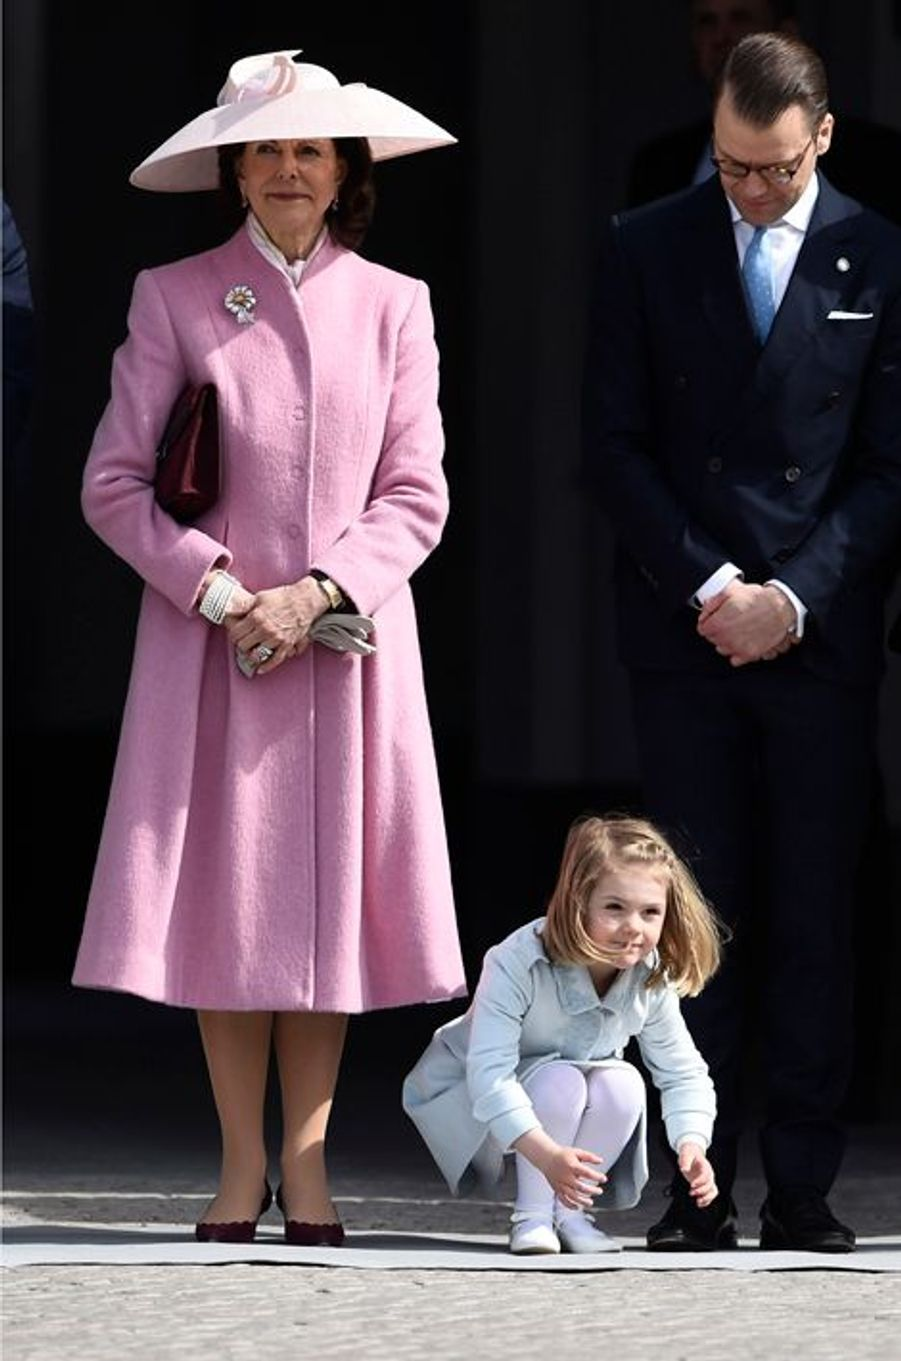 La princesse Estelle de Suède avec la reine Silvia et le prince Daniel à Stockholm, le 30 avril 2016